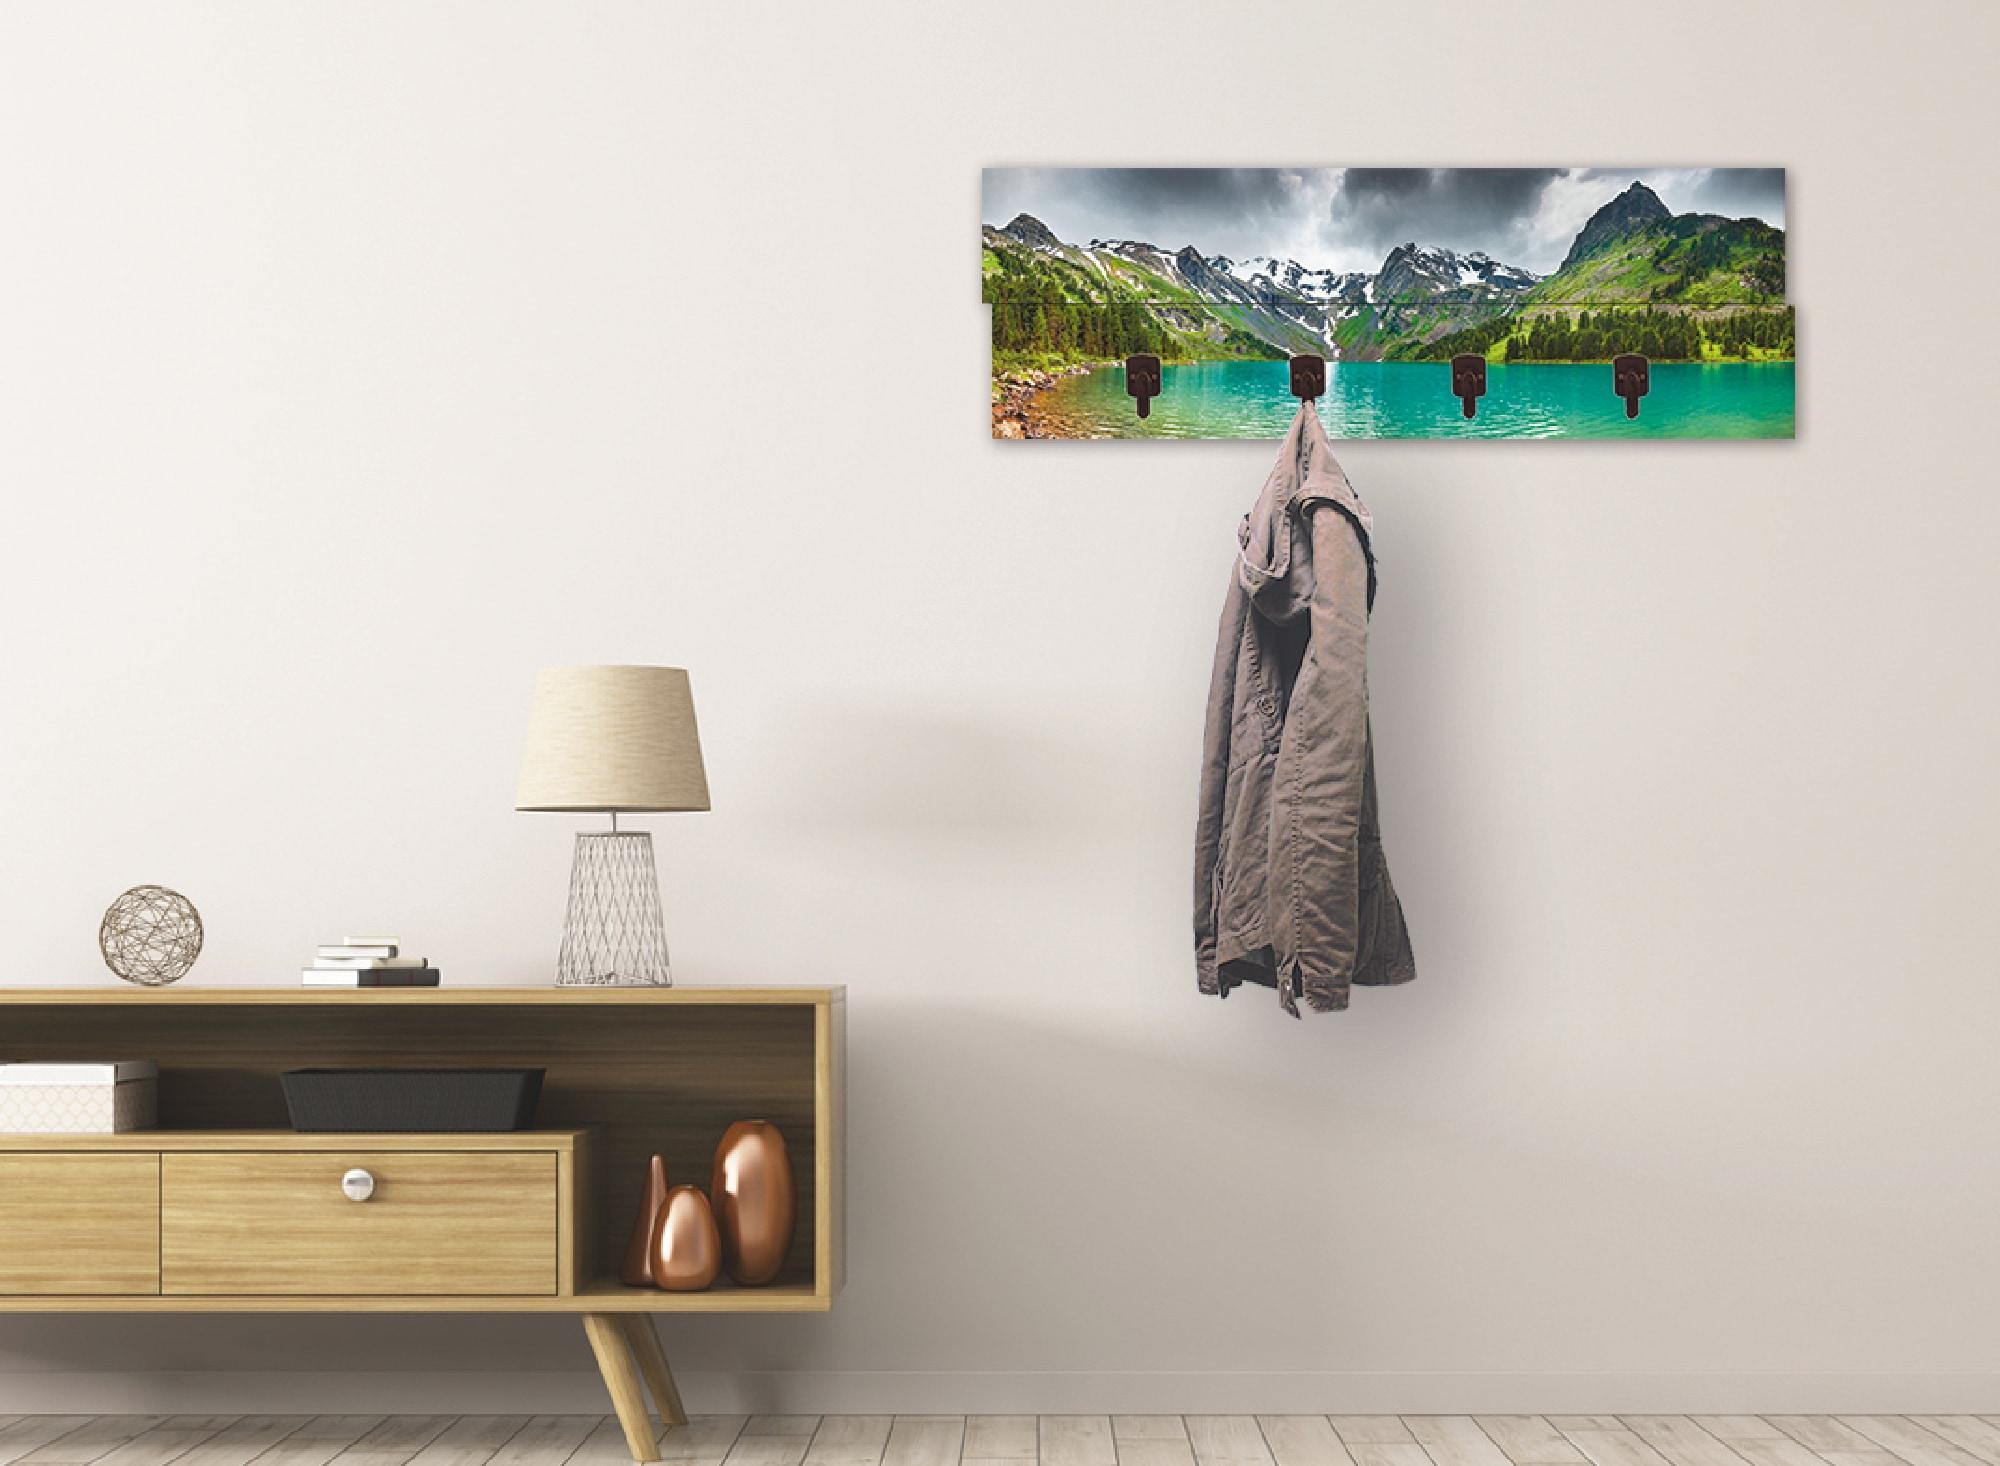 Image of Artland Garderobenpaneel »Bergsee«, platzsparende Wandgarderobe aus Holz mit 4 Haken, geeignet für kleinen, schmalen Flur, Flurgarderobe